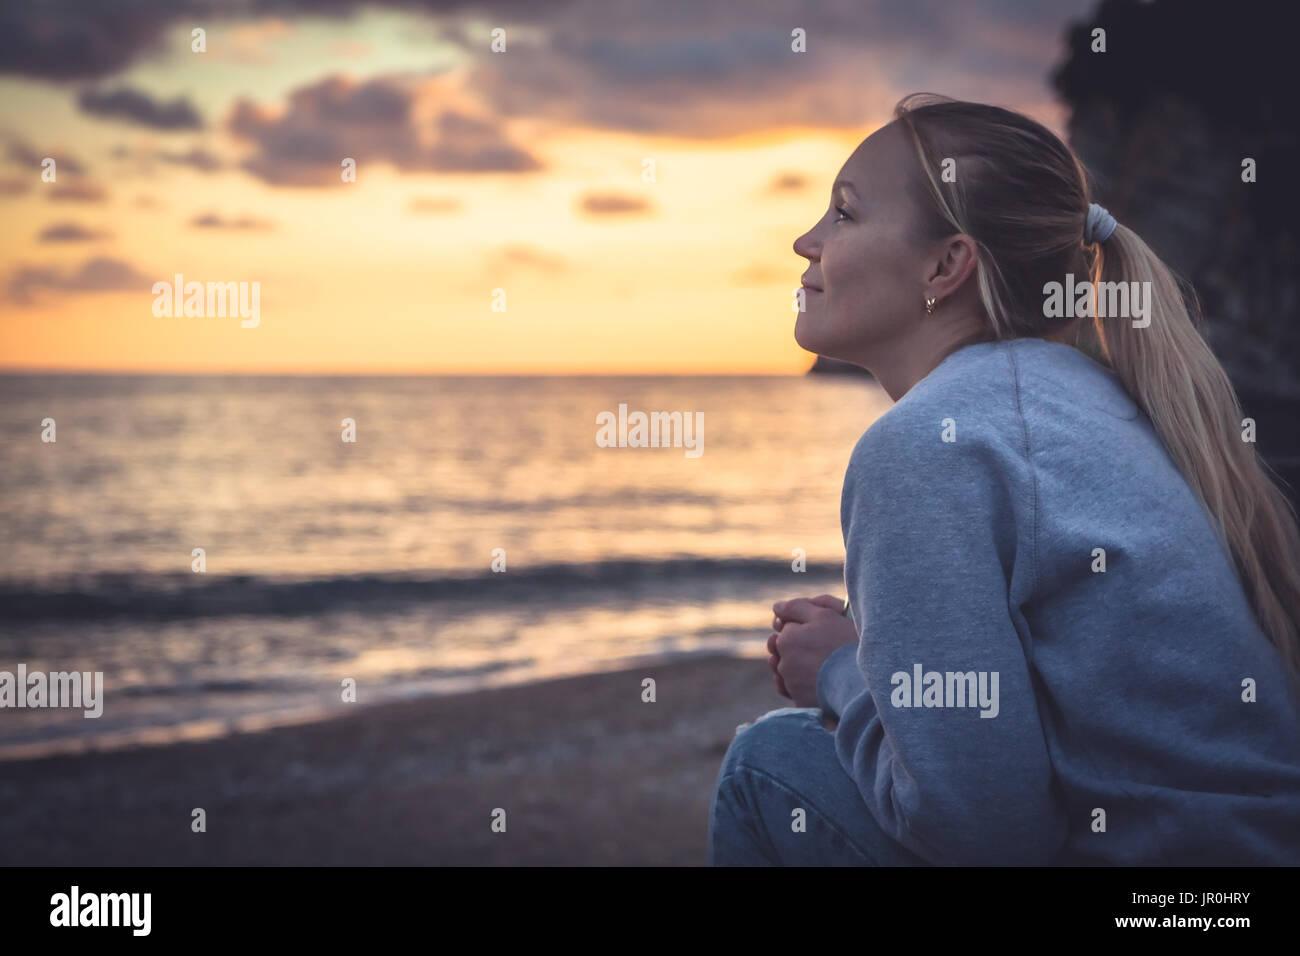 Nachdenkliche einsame lächelnde Frau mit Hoffnung in Horizont bei Sonnenuntergang am Strand Stockbild